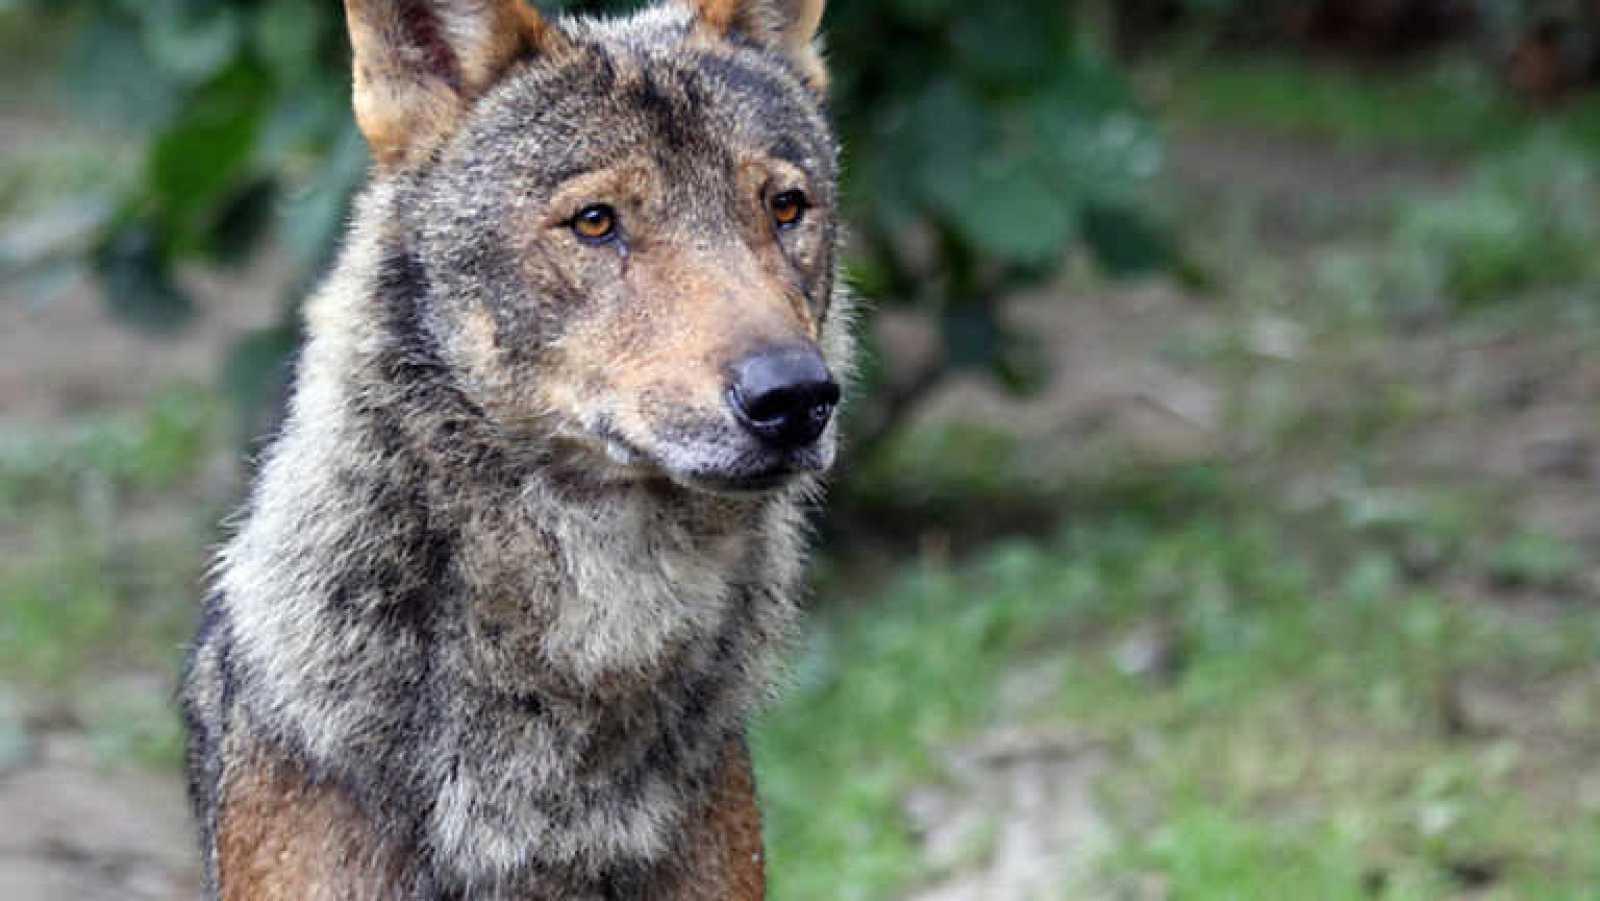 Crónicas - De lobos y hombres - Ver ahora